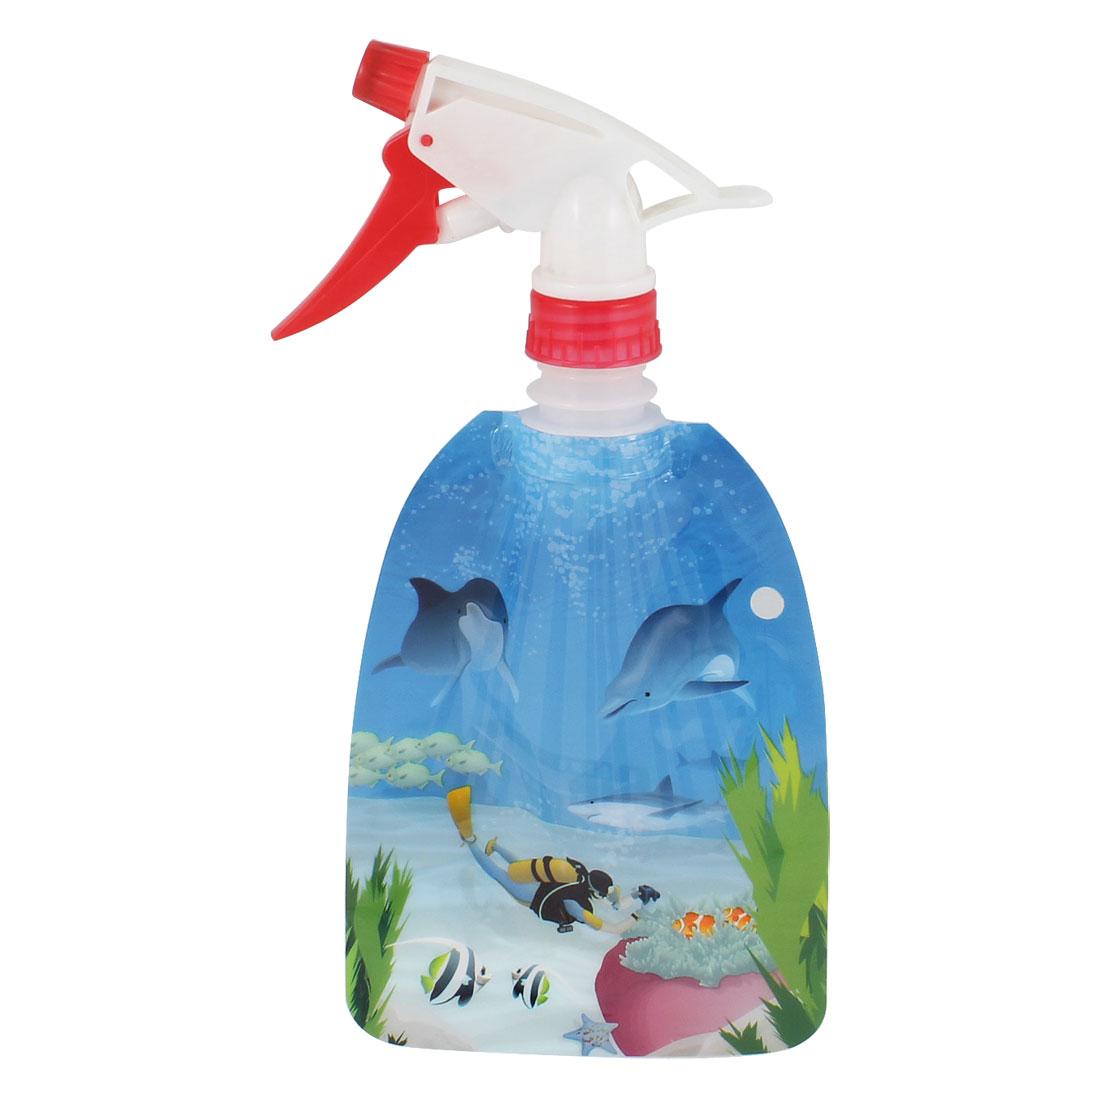 300ml Coral Print Plastic Trigger Flower Gardening Bottle Light Blue Red